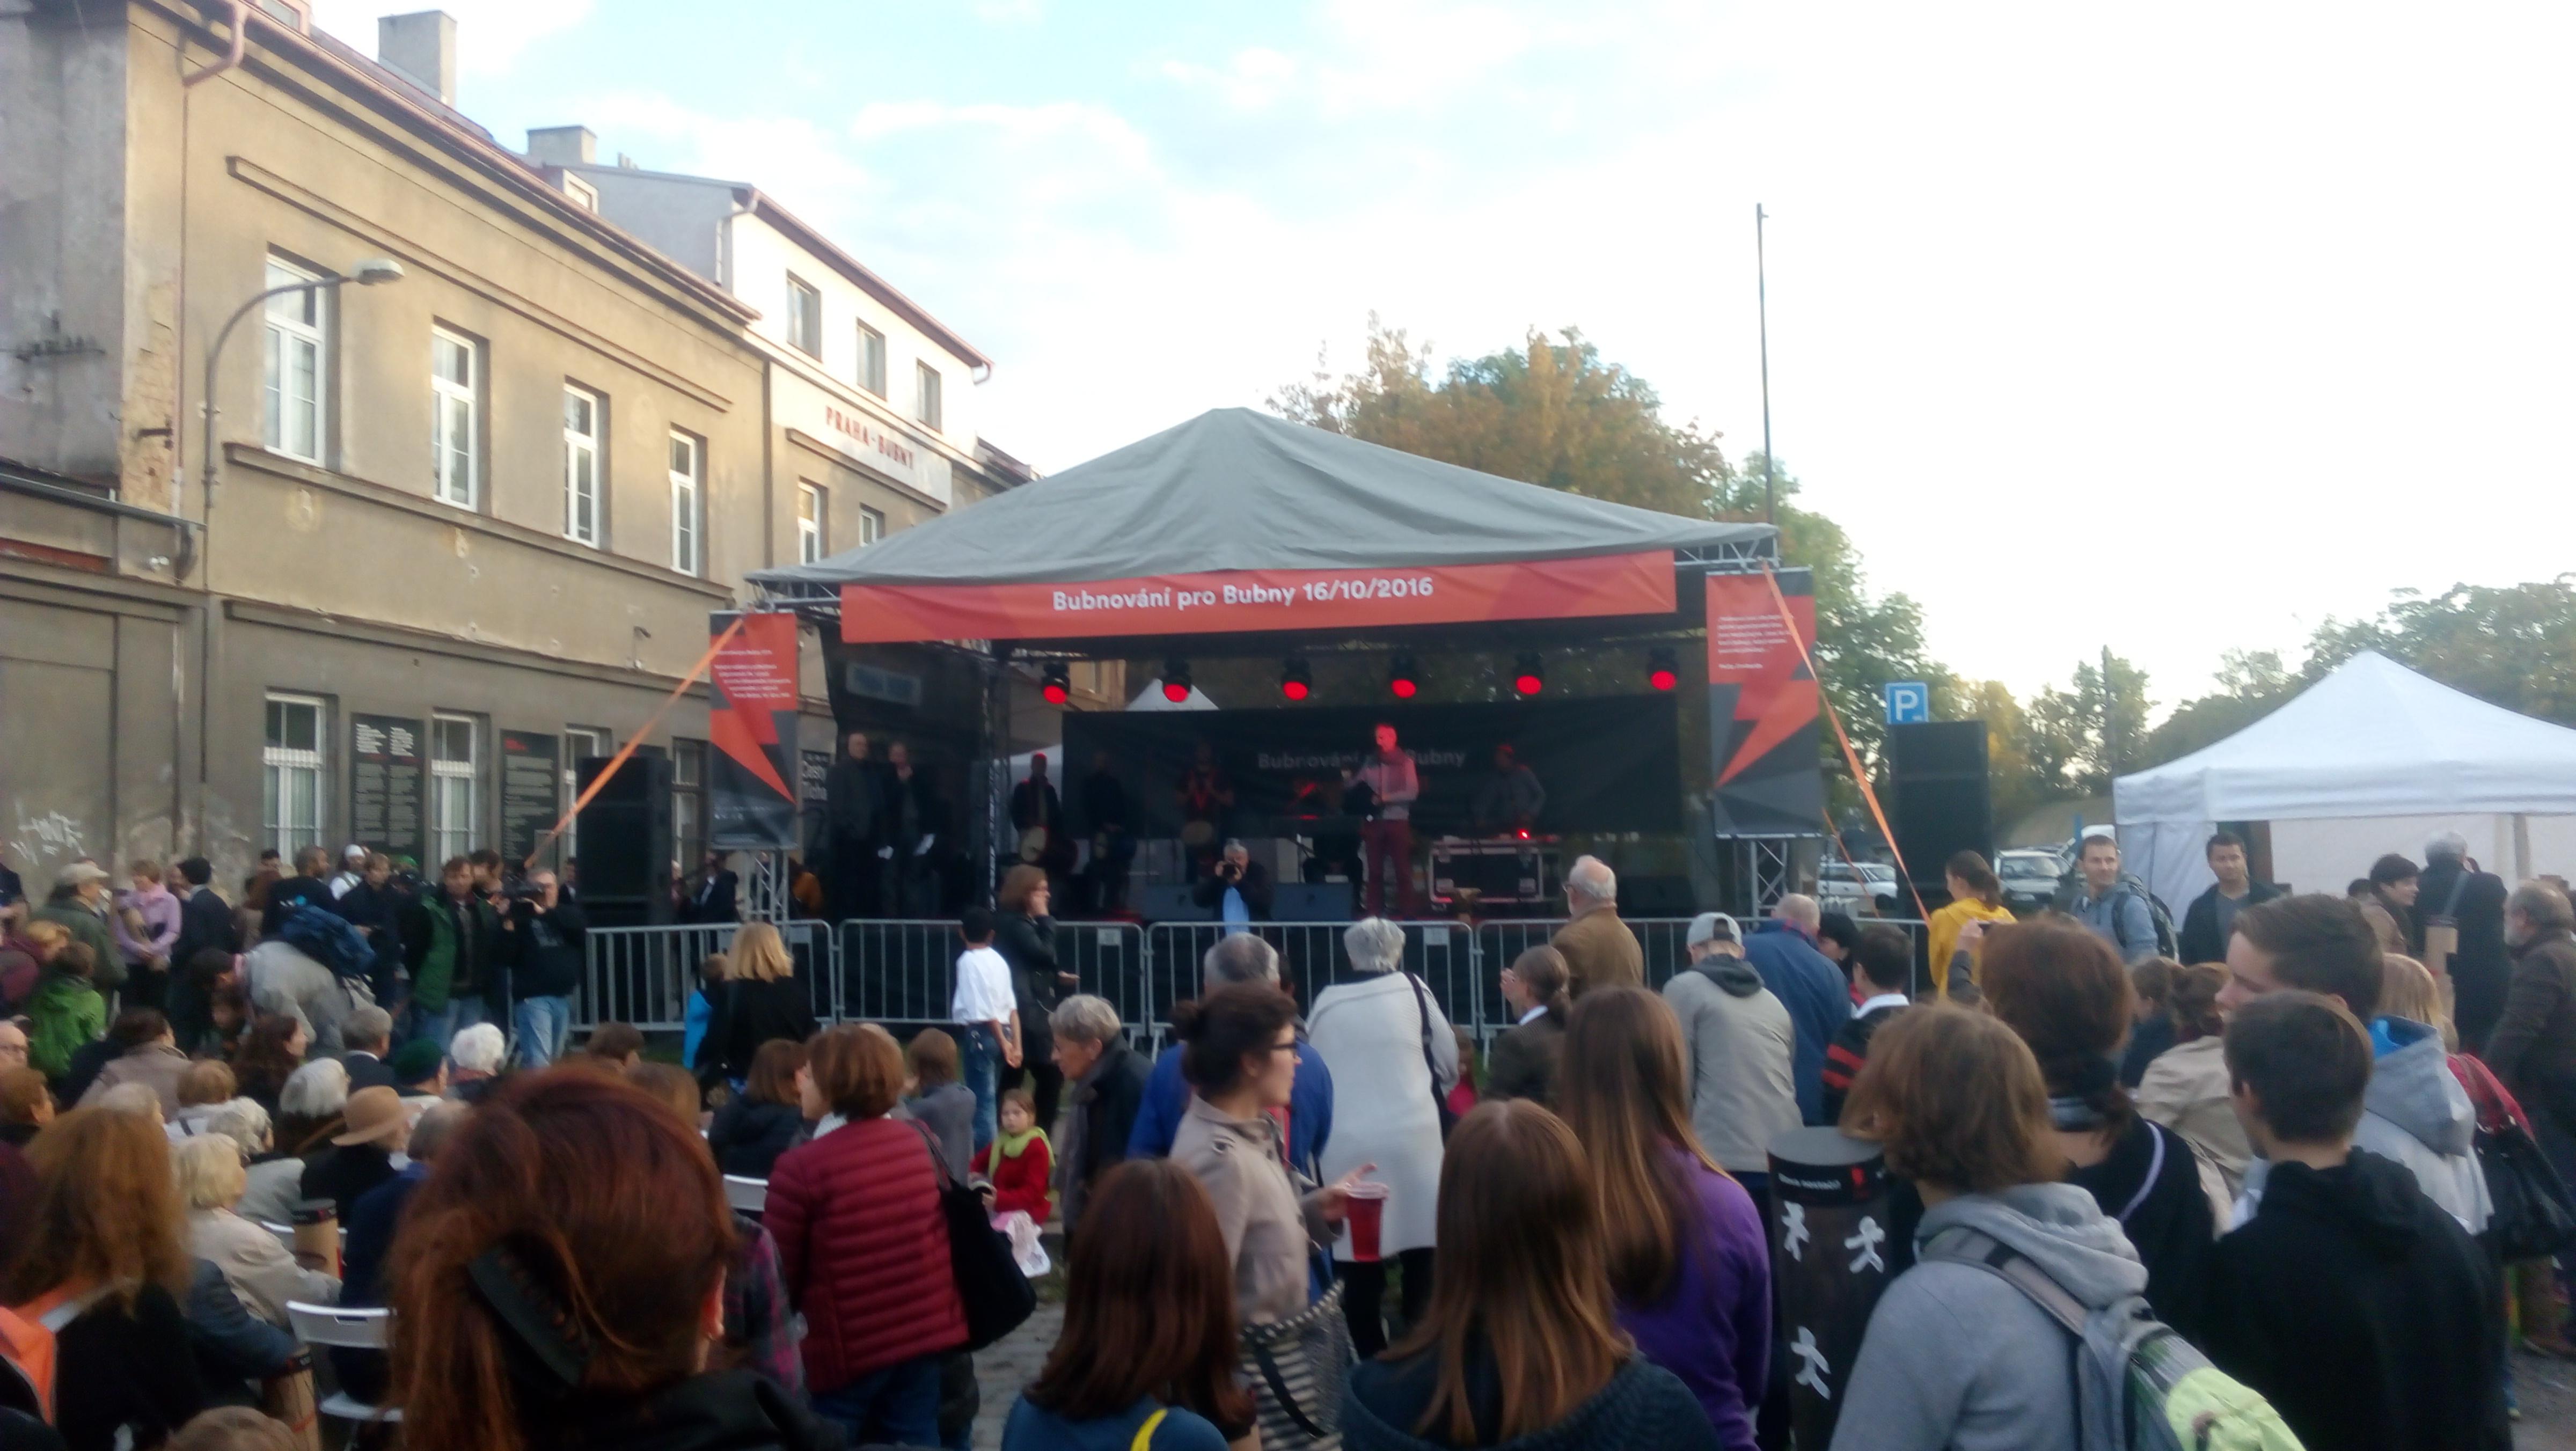 Na hlavní program Bubnování pro Bubny přišlo asi 300 diváků